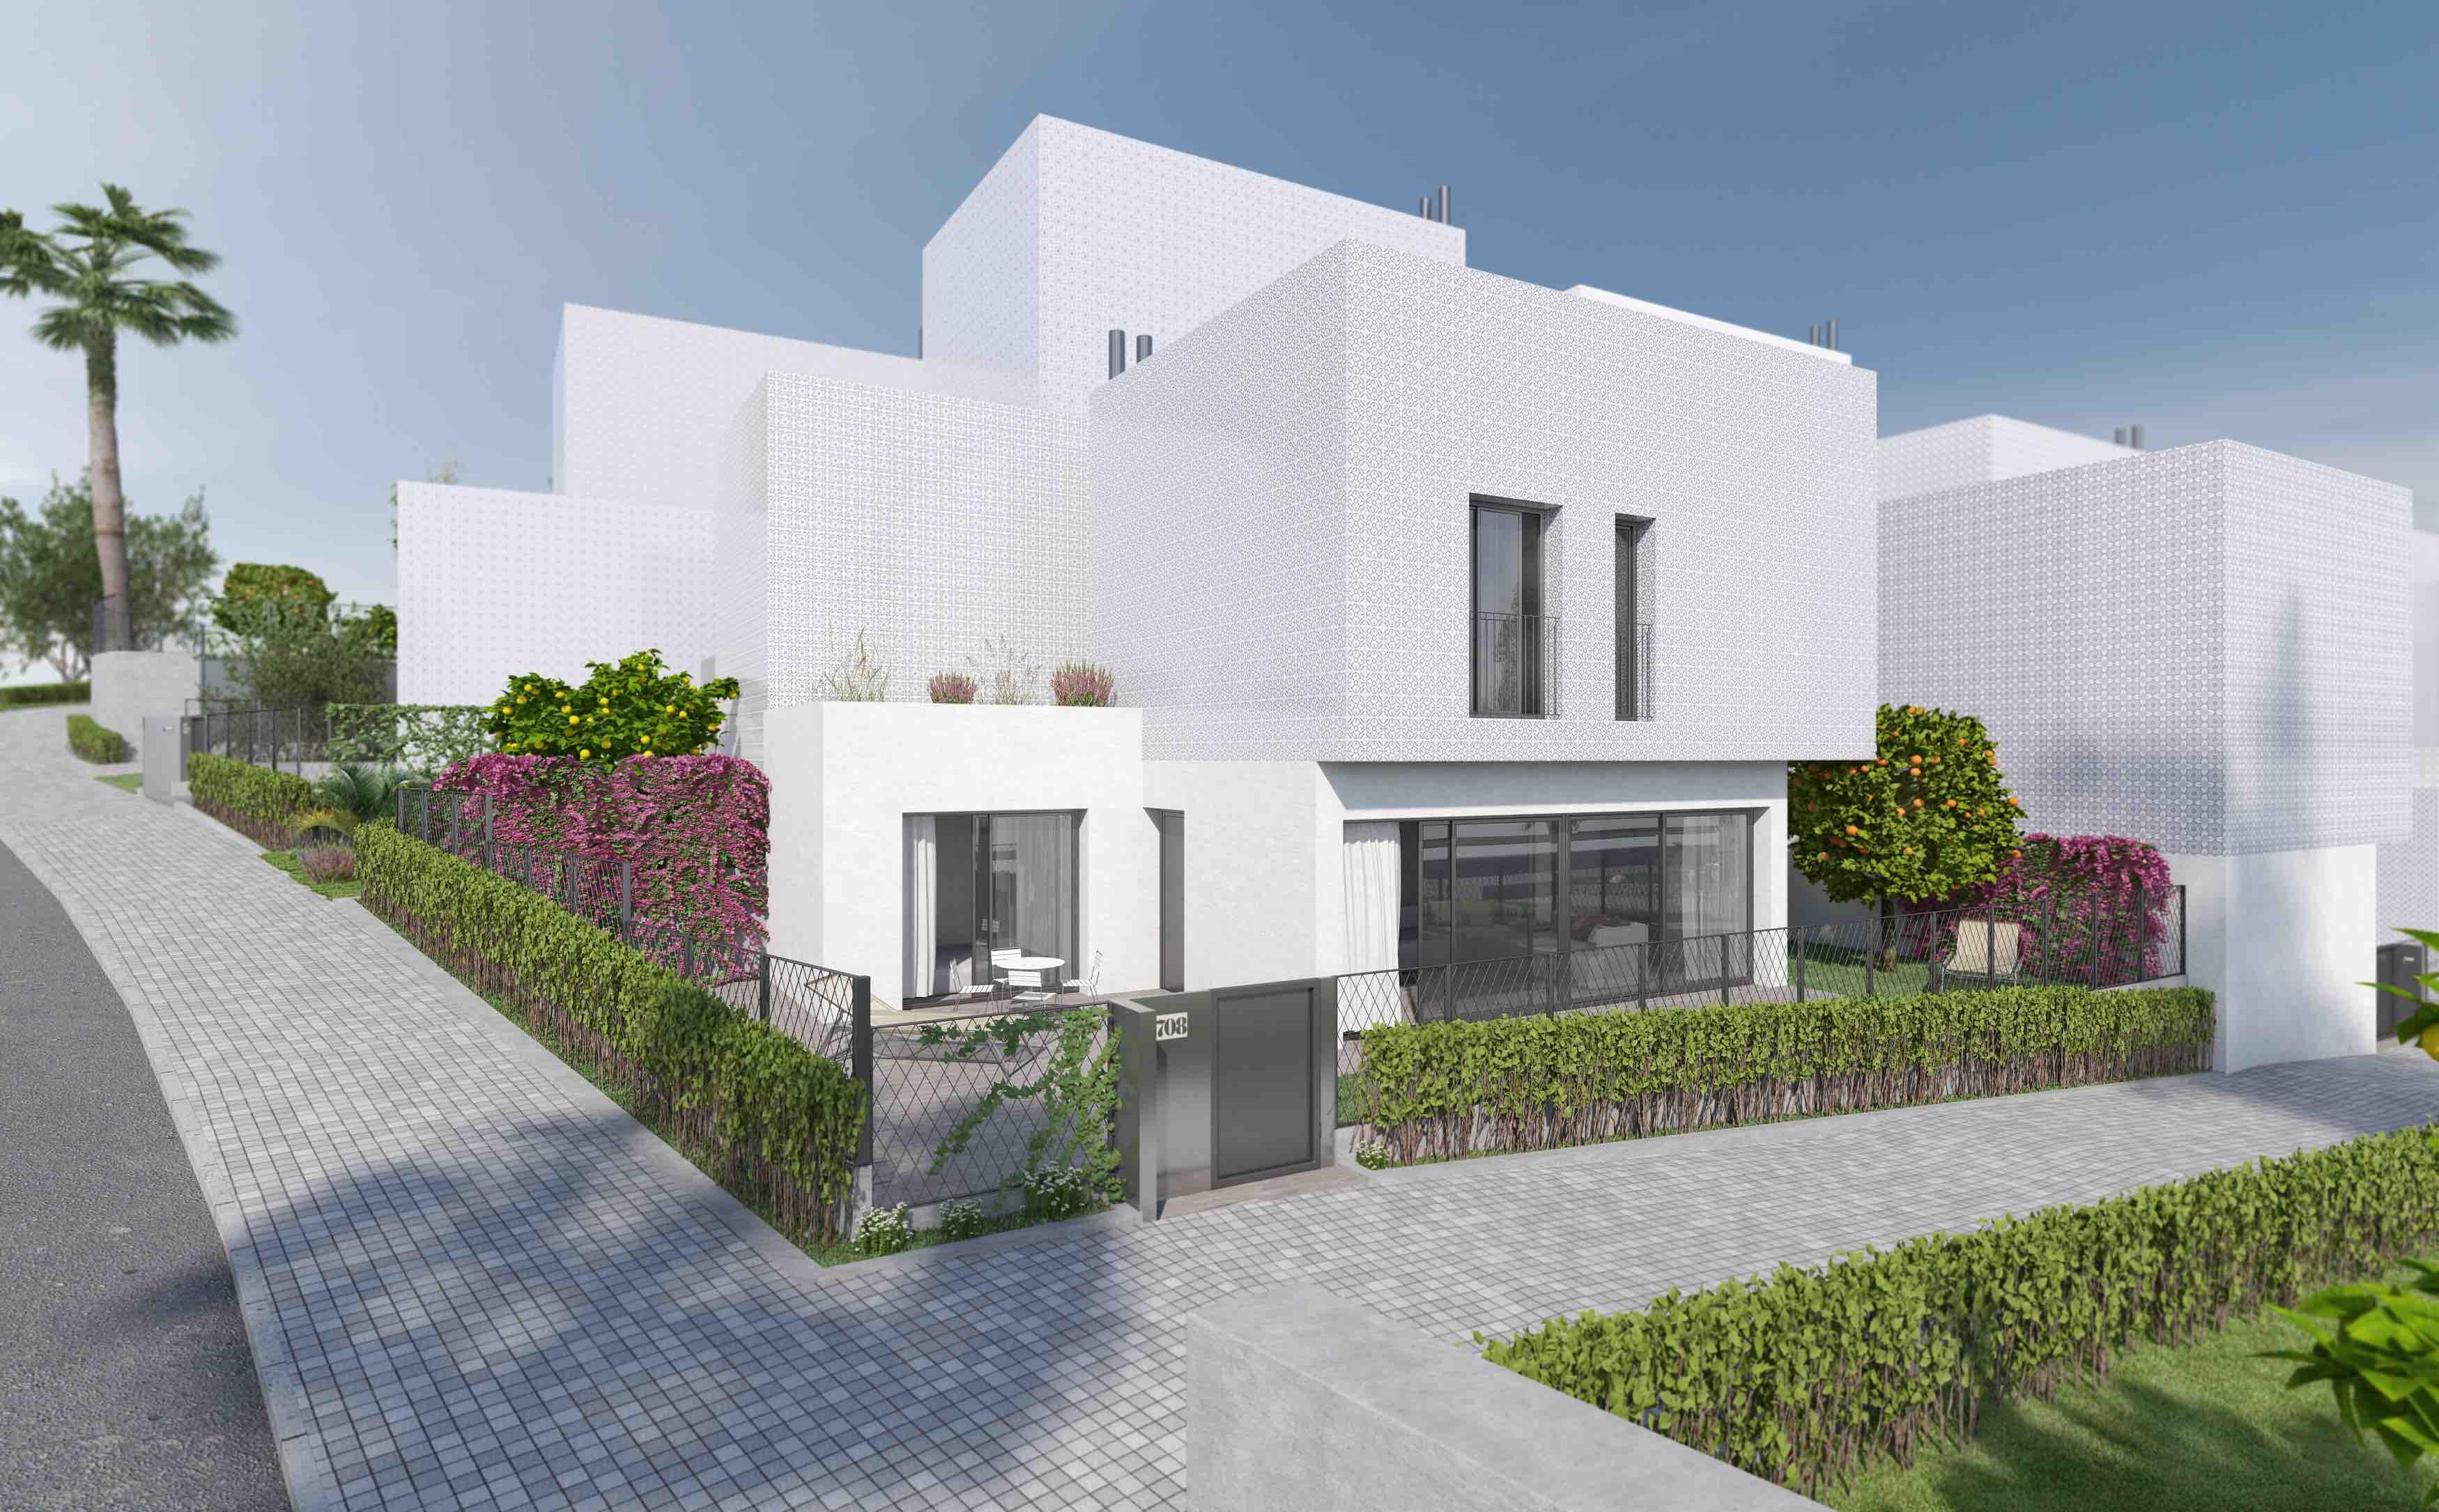 New Top Floor Apartment With Solarium For Sale San Miguel De Salinas